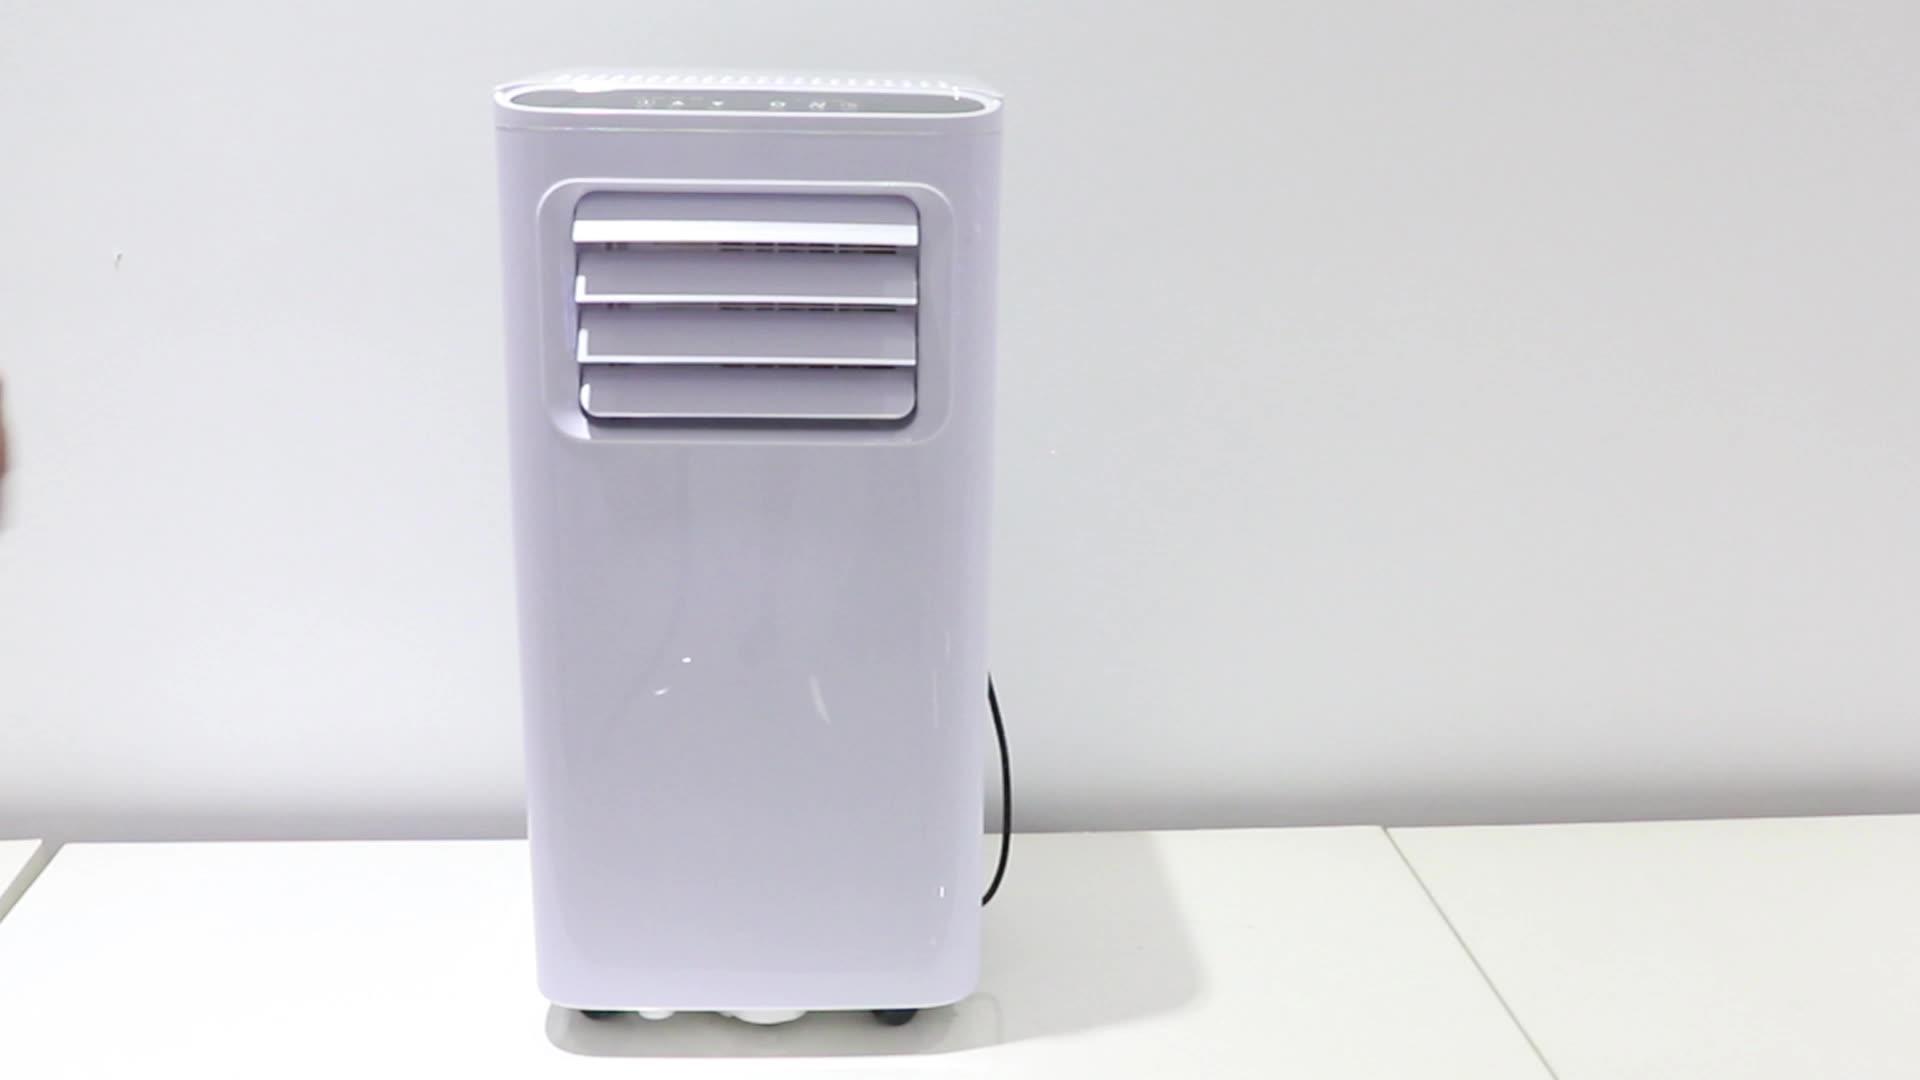 สไตล์ใหม่R410/R290 5000-9000BTUสำหรับตัวเลือกแบบพกพาเครื่องปรับอากาศ1ผู้ซื้อ